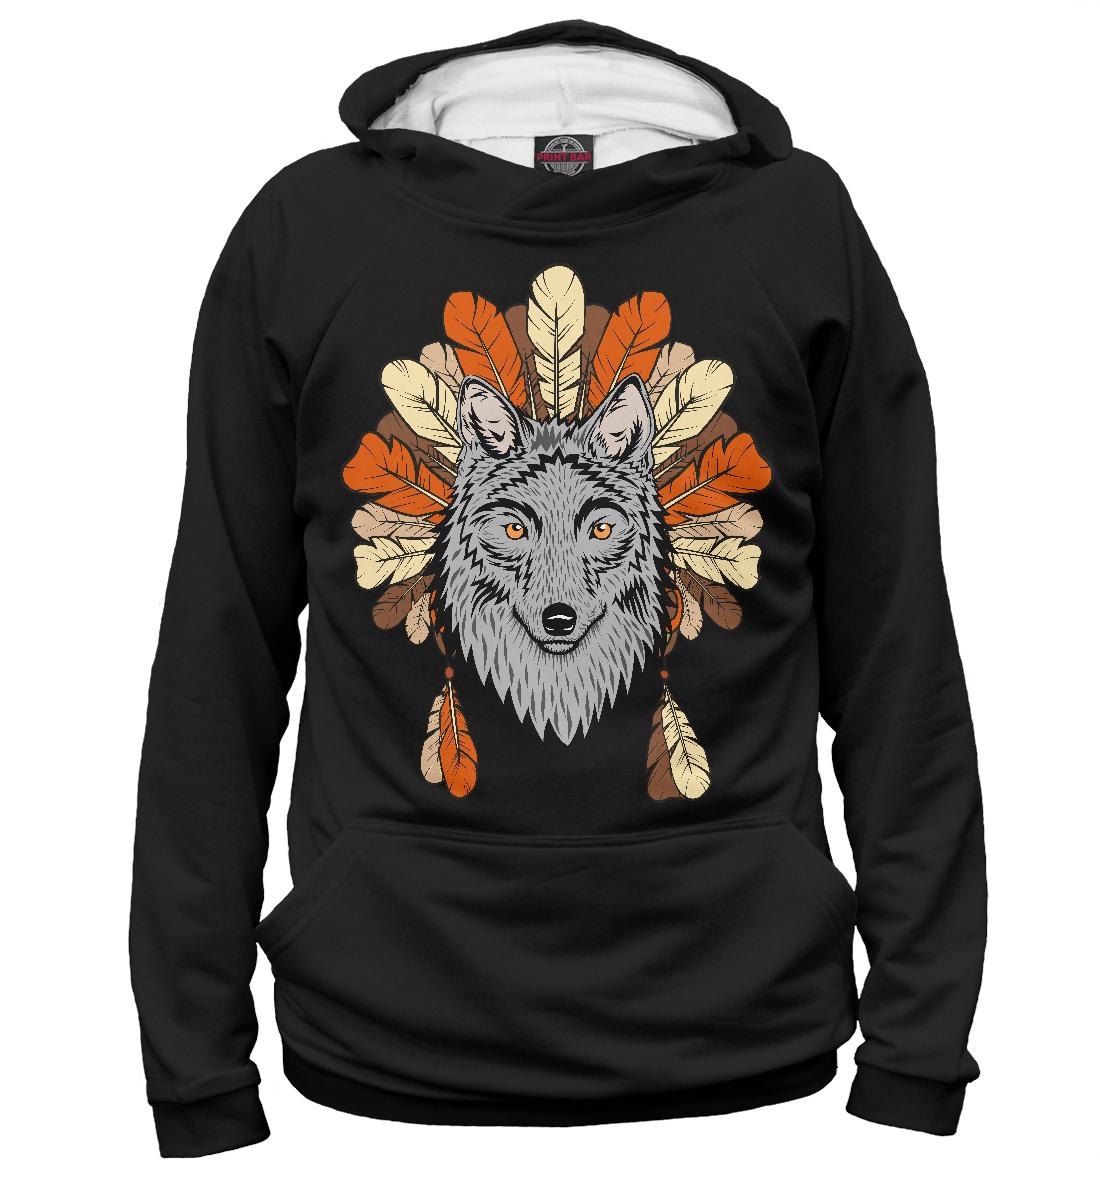 Купить Волк индеец, Printbar, Худи, VLF-582521-hud-2